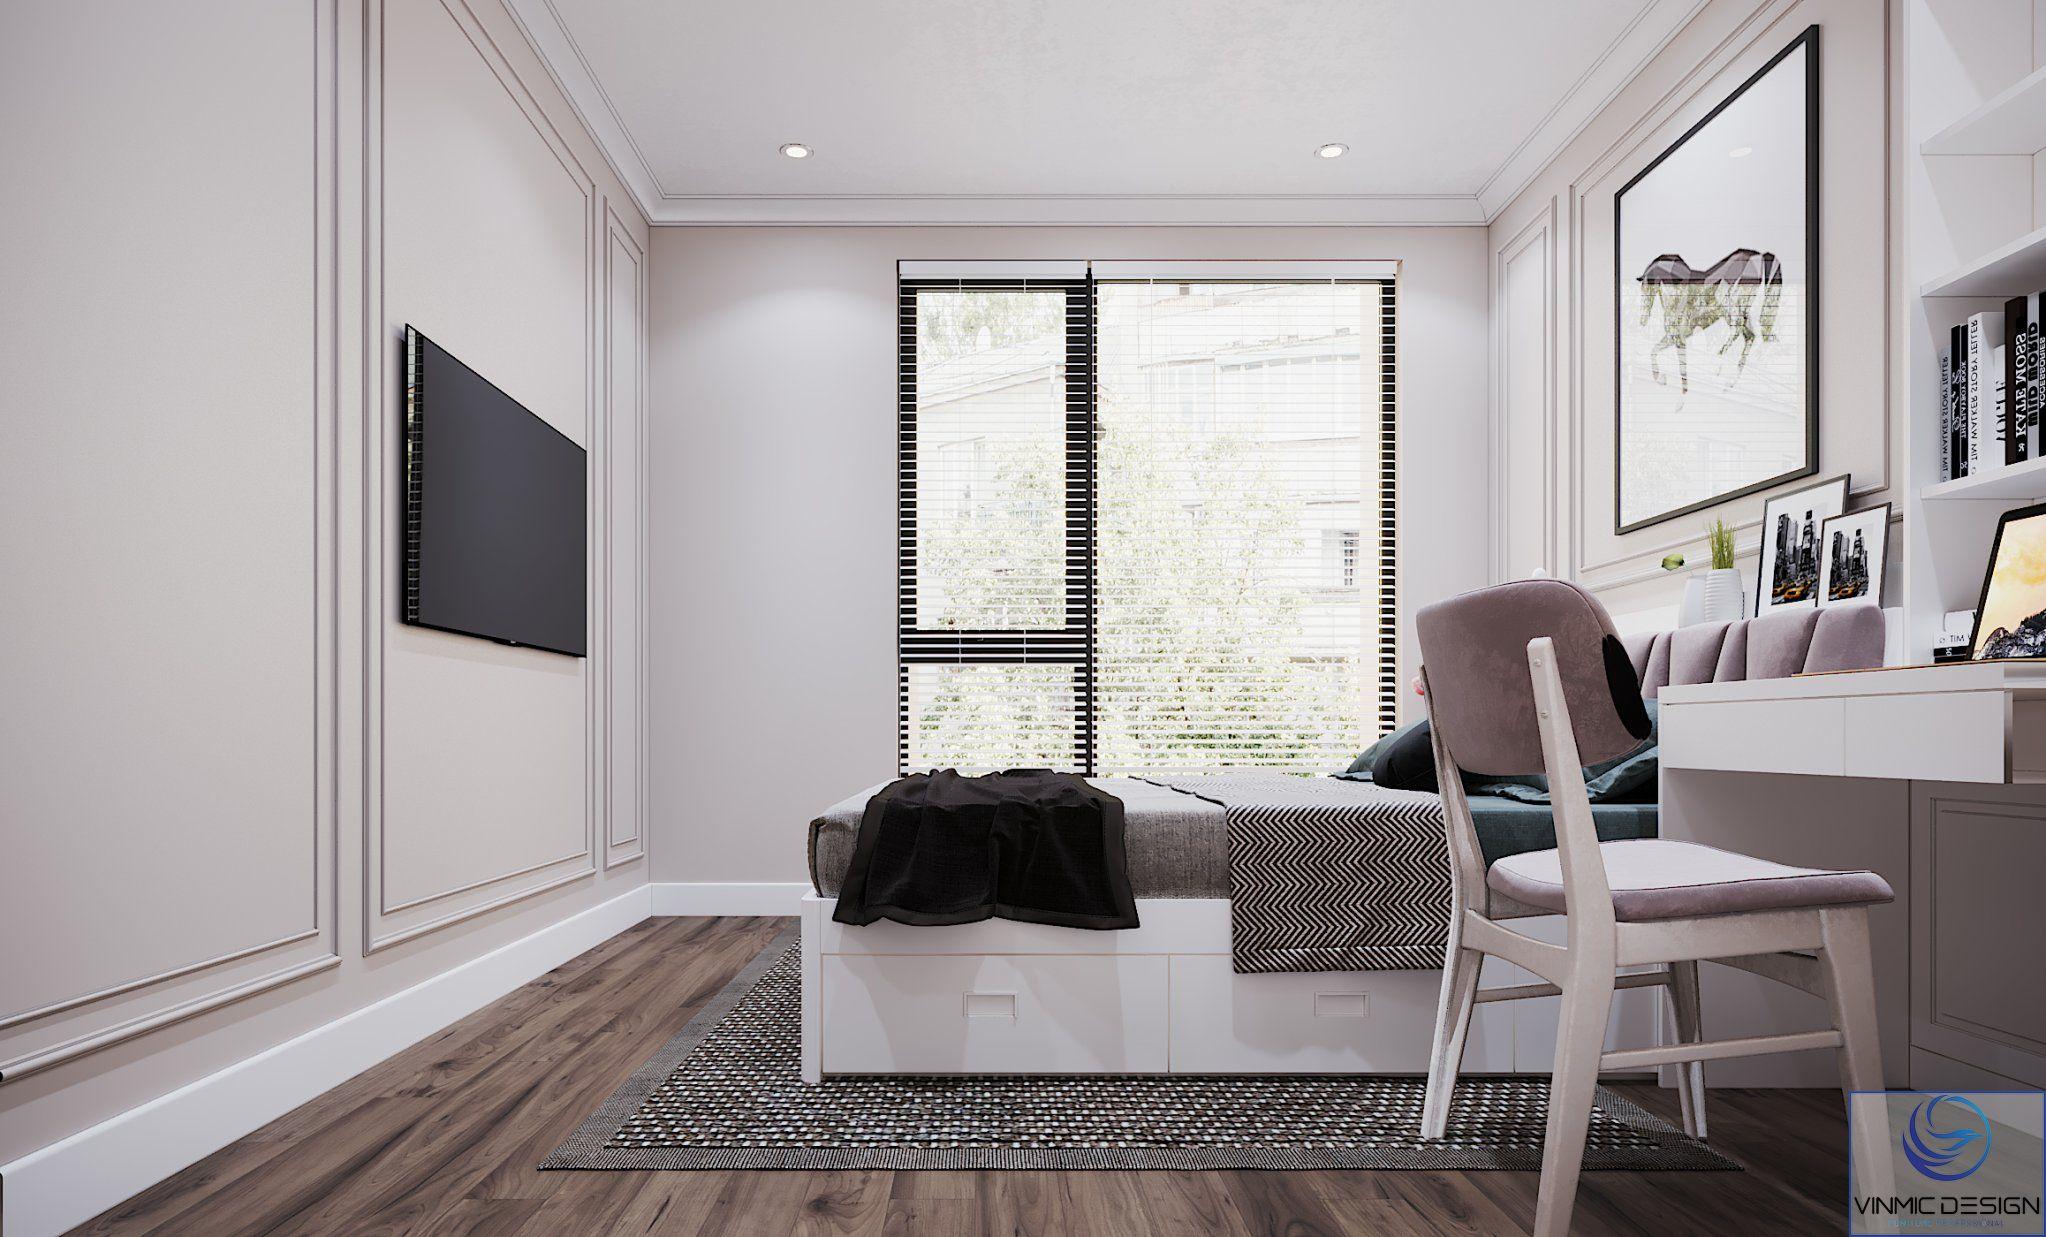 Tivi treo tường tạo không gian rộng hơn.